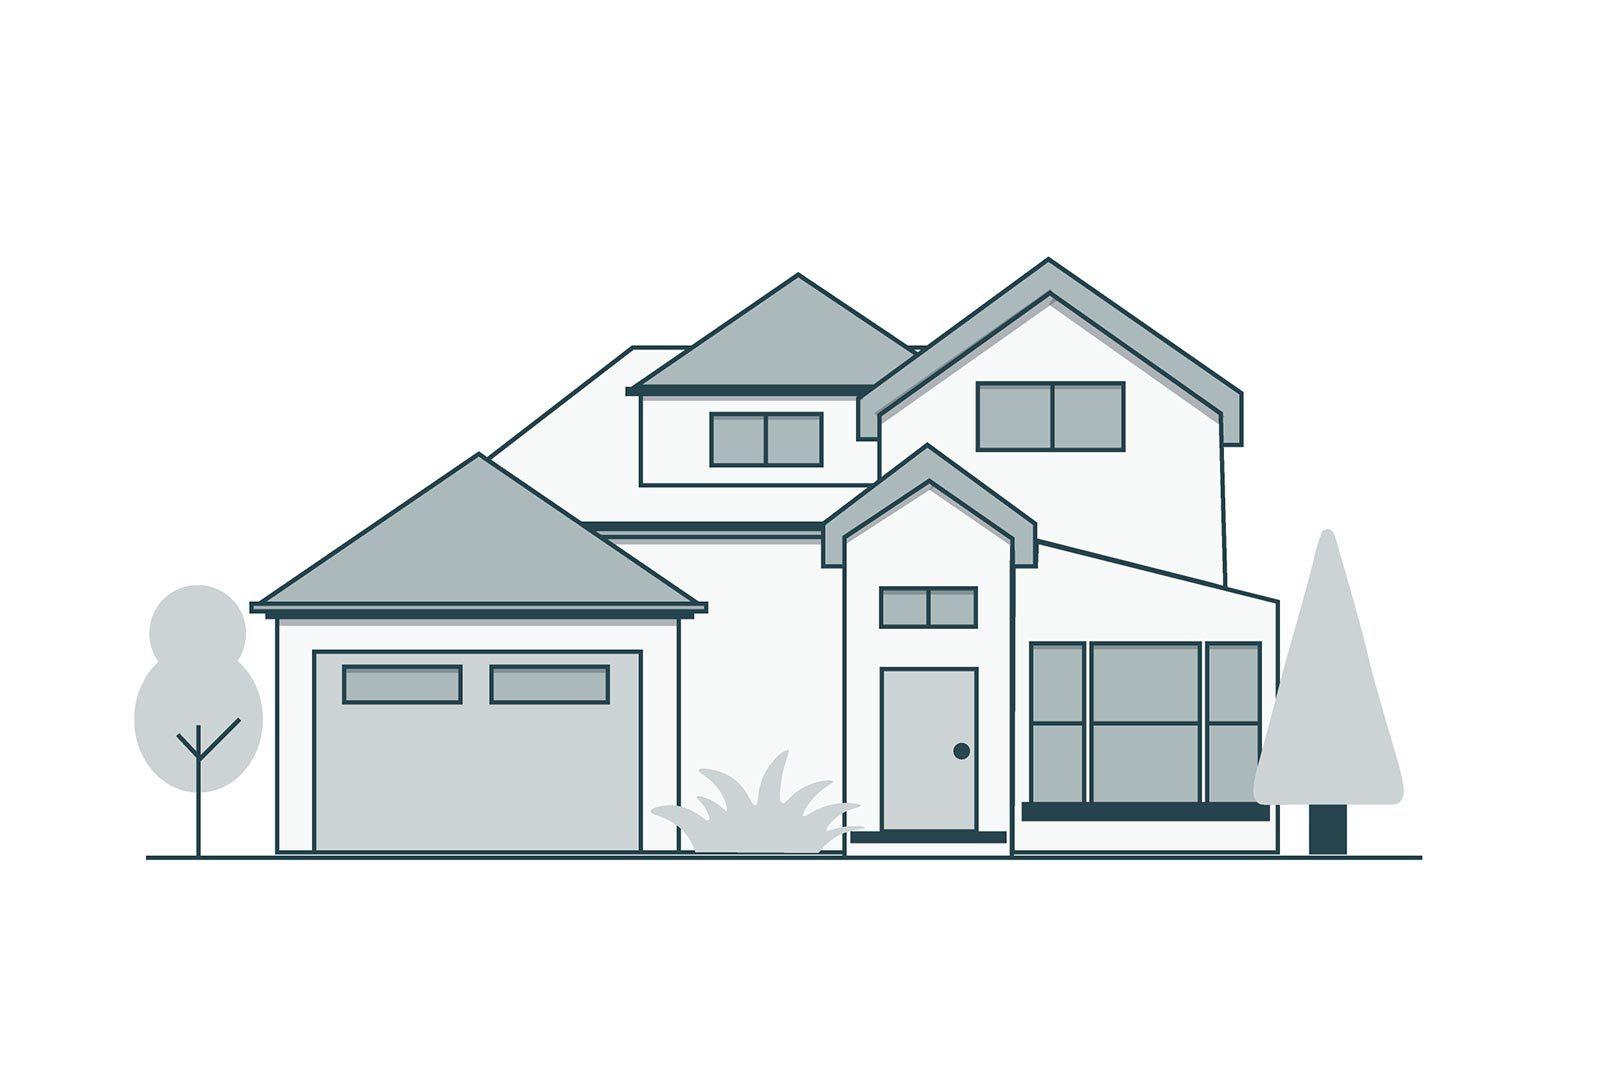 732 Noriega St San Francisco, CA 94122